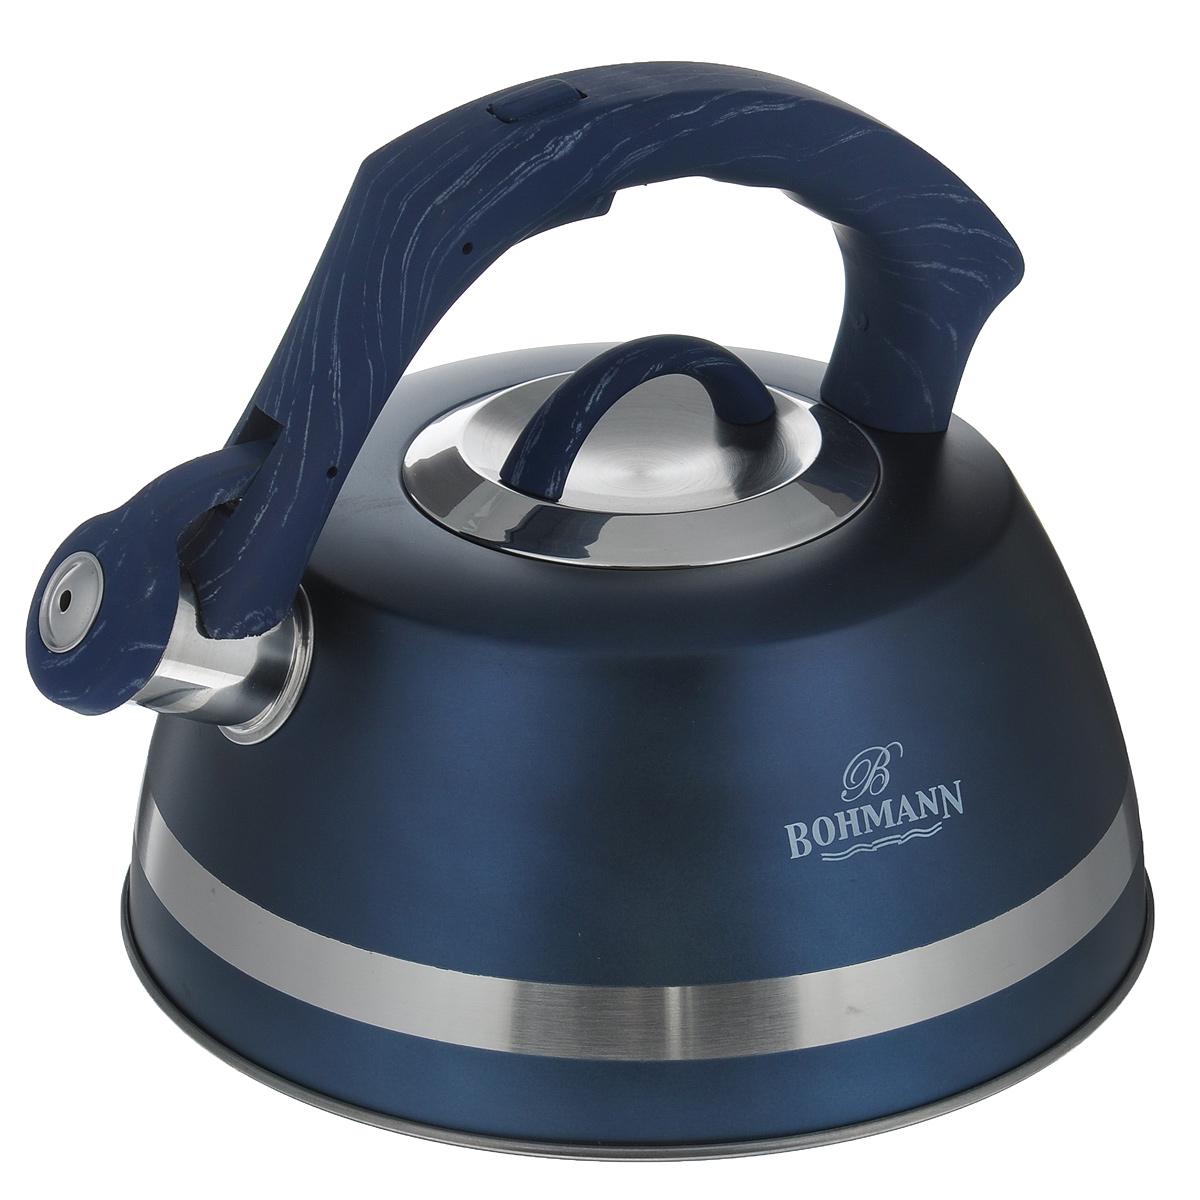 Чайник Bohmann со свистком, цвет: синий, 3,5 л. BH - 9967BH - 9967Чайник Bohmann изготовлен из высококачественной нержавеющей стали с матовым цветным покрытием. Фиксированная ручка изготовлена из бакелита с прорезиненным покрытием. Носик чайника оснащен откидным свистком, звуковой сигнал которого подскажет, когда закипит вода. Свисток открывается нажатием кнопки на ручке. Чайник Bohmann - качественное исполнение и стильное решение для вашей кухни. Подходит для использования на газовых, стеклокерамических, электрических, галогеновых и индукционных плитах. Также изделие можно мыть в посудомоечной машине. Высота чайника (без учета ручки и крышки): 10,5 см. Высота чайника (с учетом ручки): 19 см. Диаметр основания чайника: 22,5 см. Диаметр чайника (по верхнему краю): 10 см.